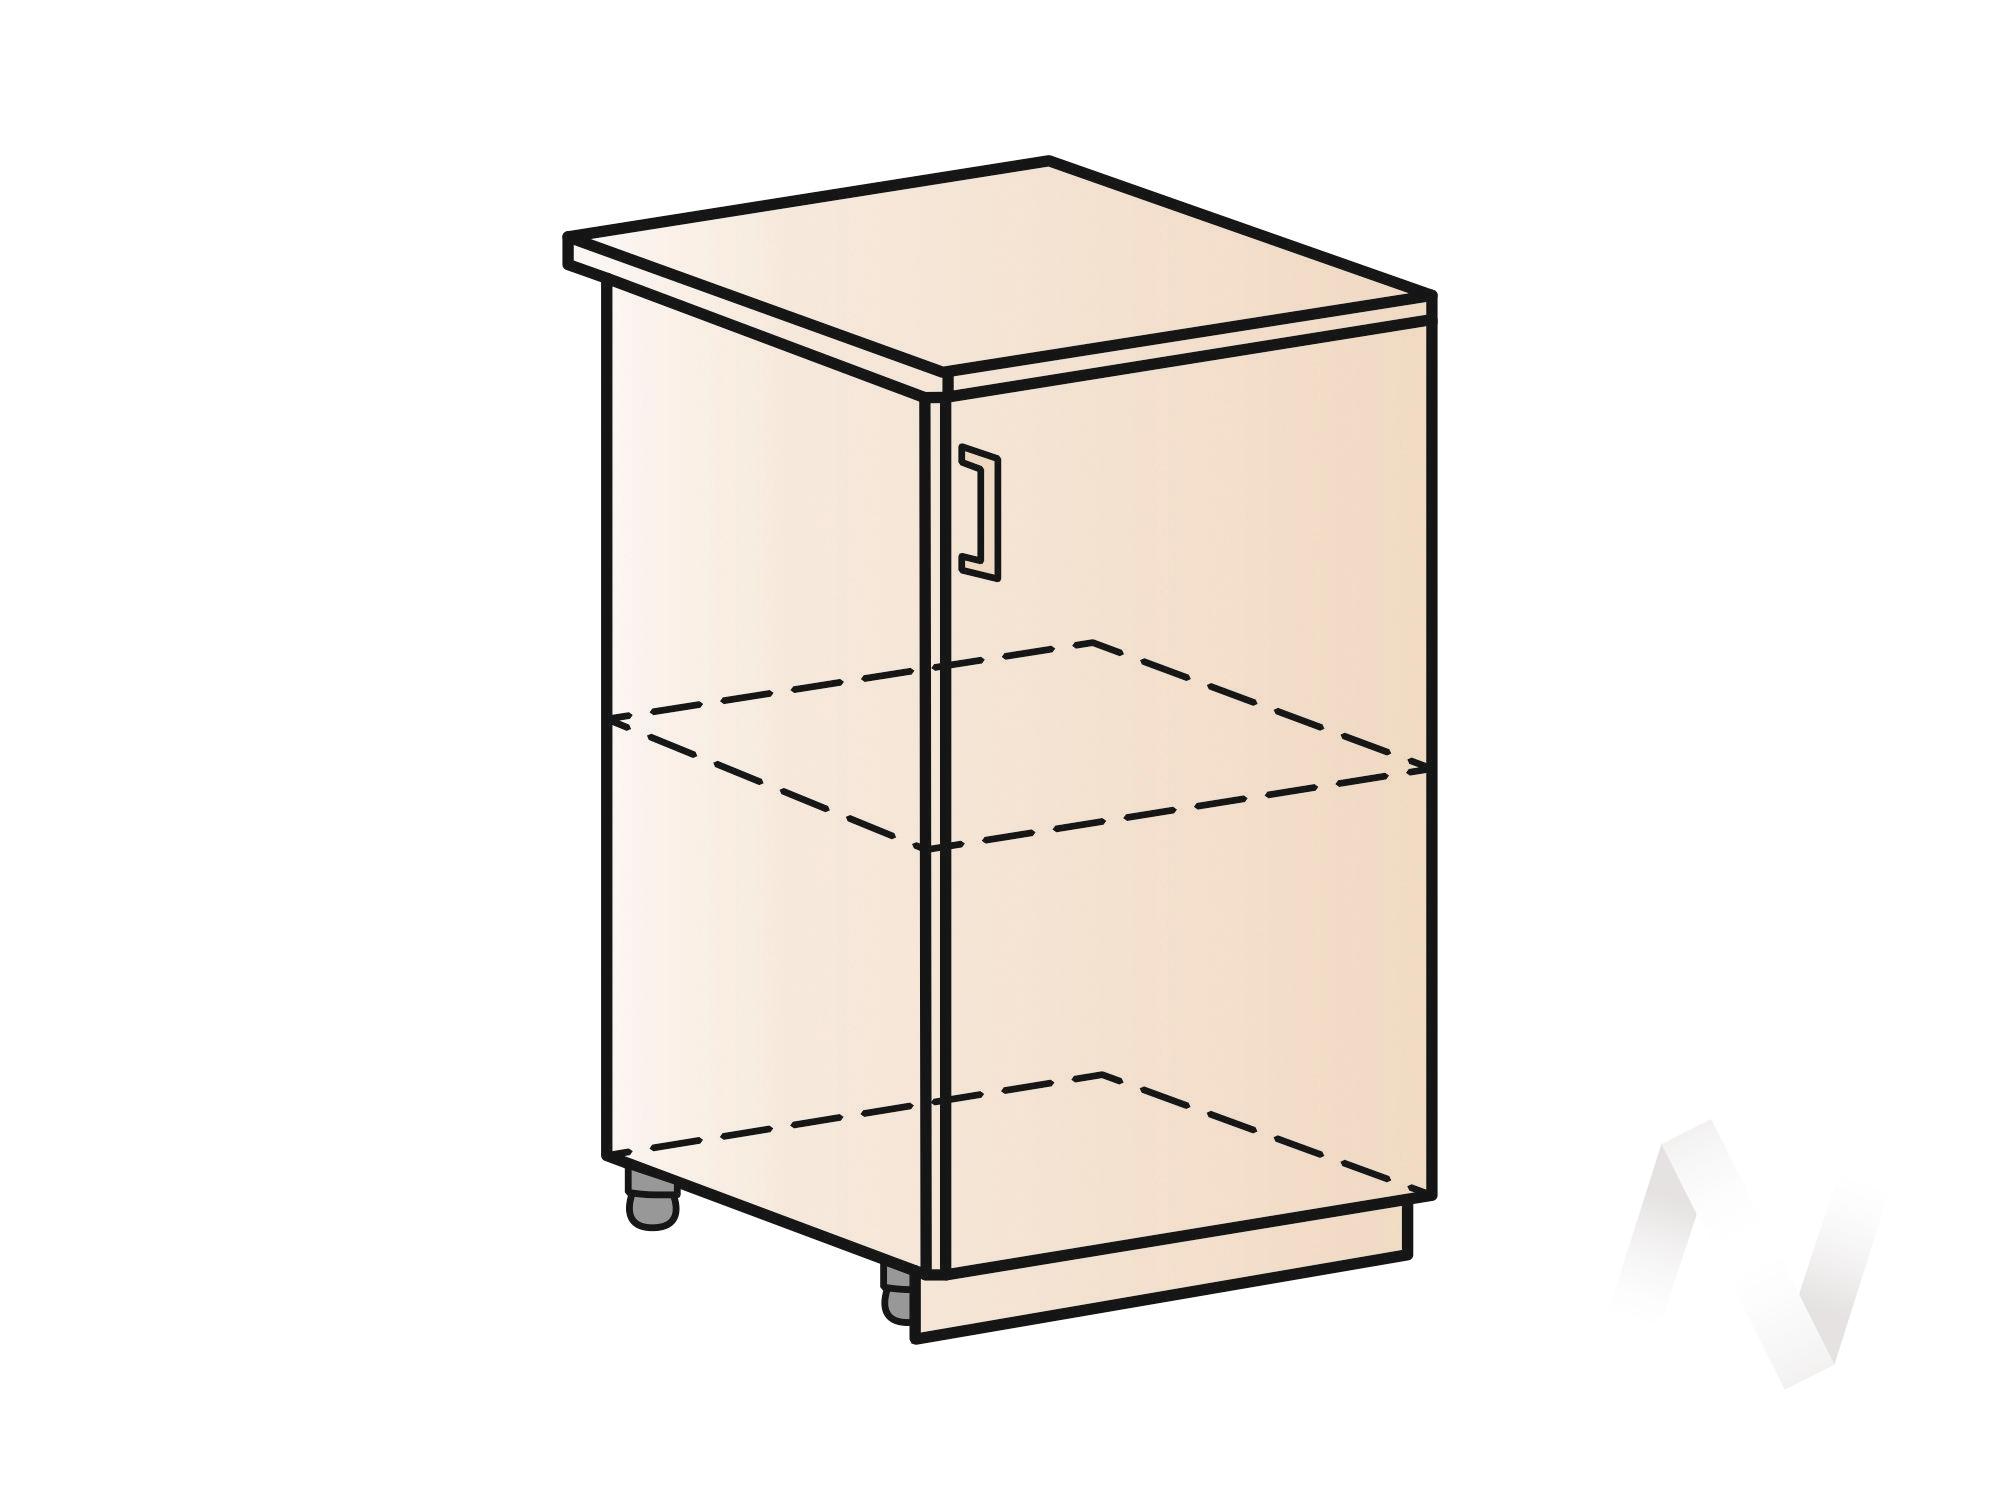 """Кухня """"Вена"""": Шкаф нижний 500, ШН 500 (корпус венге) в Новосибирске в интернет-магазине мебели kuhnya54.ru"""